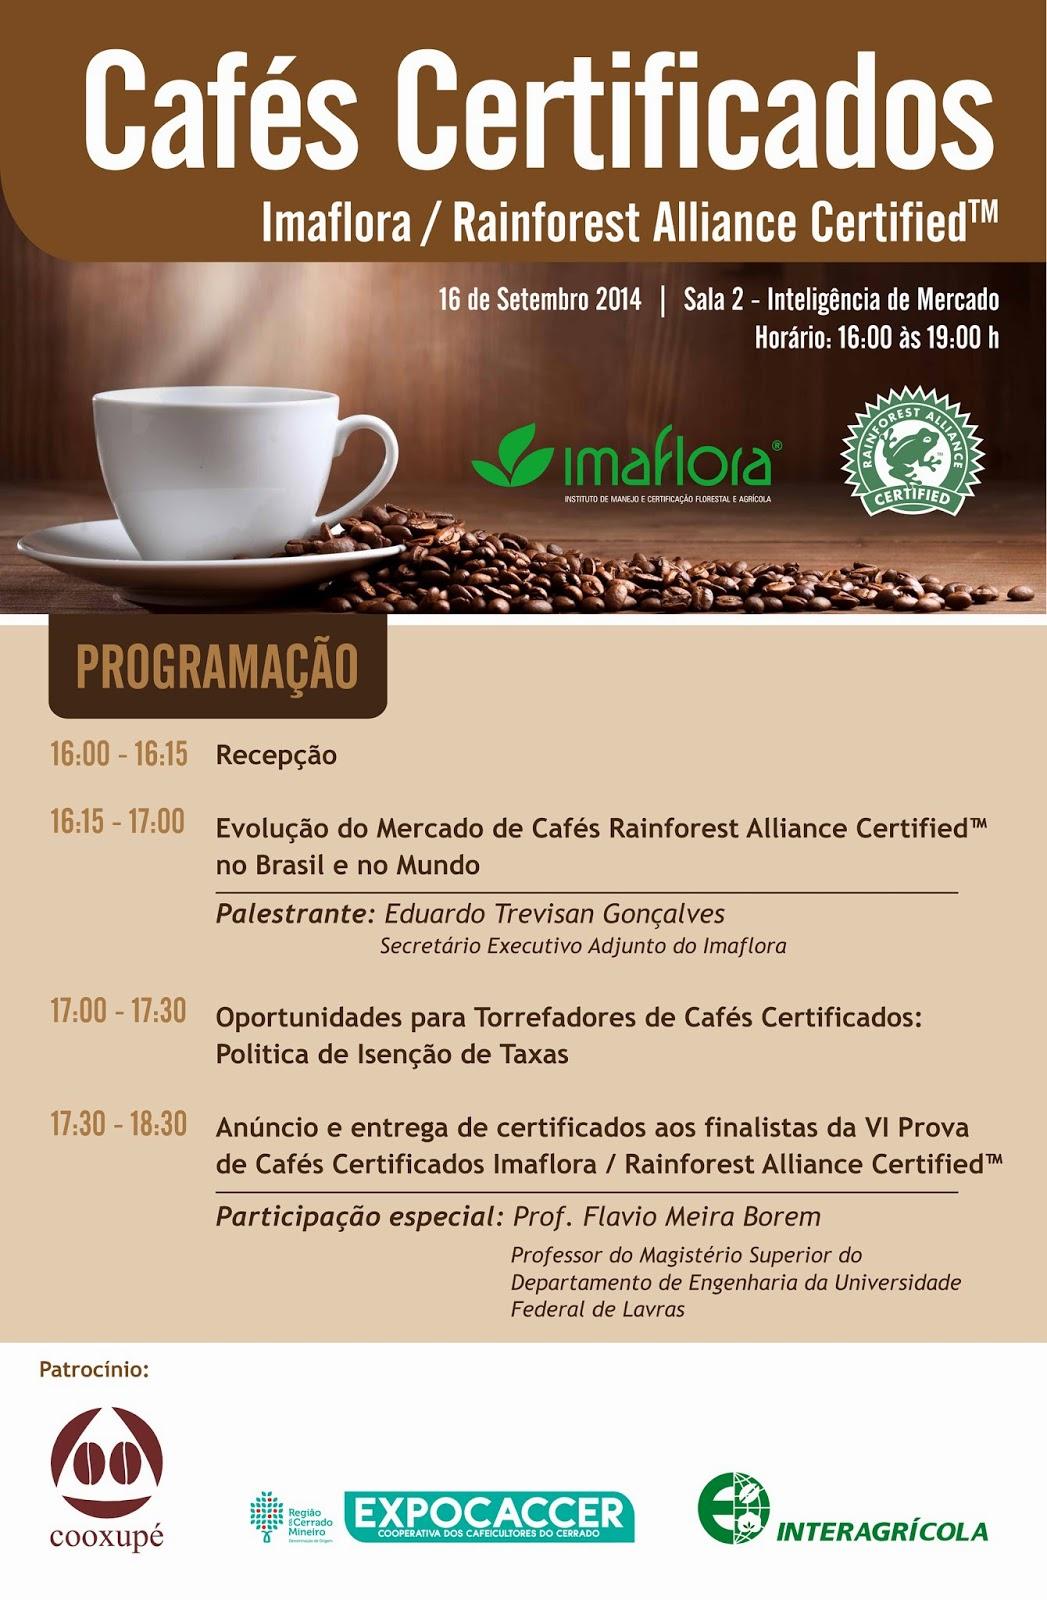 Convidamos você a participar conosco no 9º Espaço Café Brasil,  de 15 a 18 de setembro de 2014 em Belo Horizonte, MG